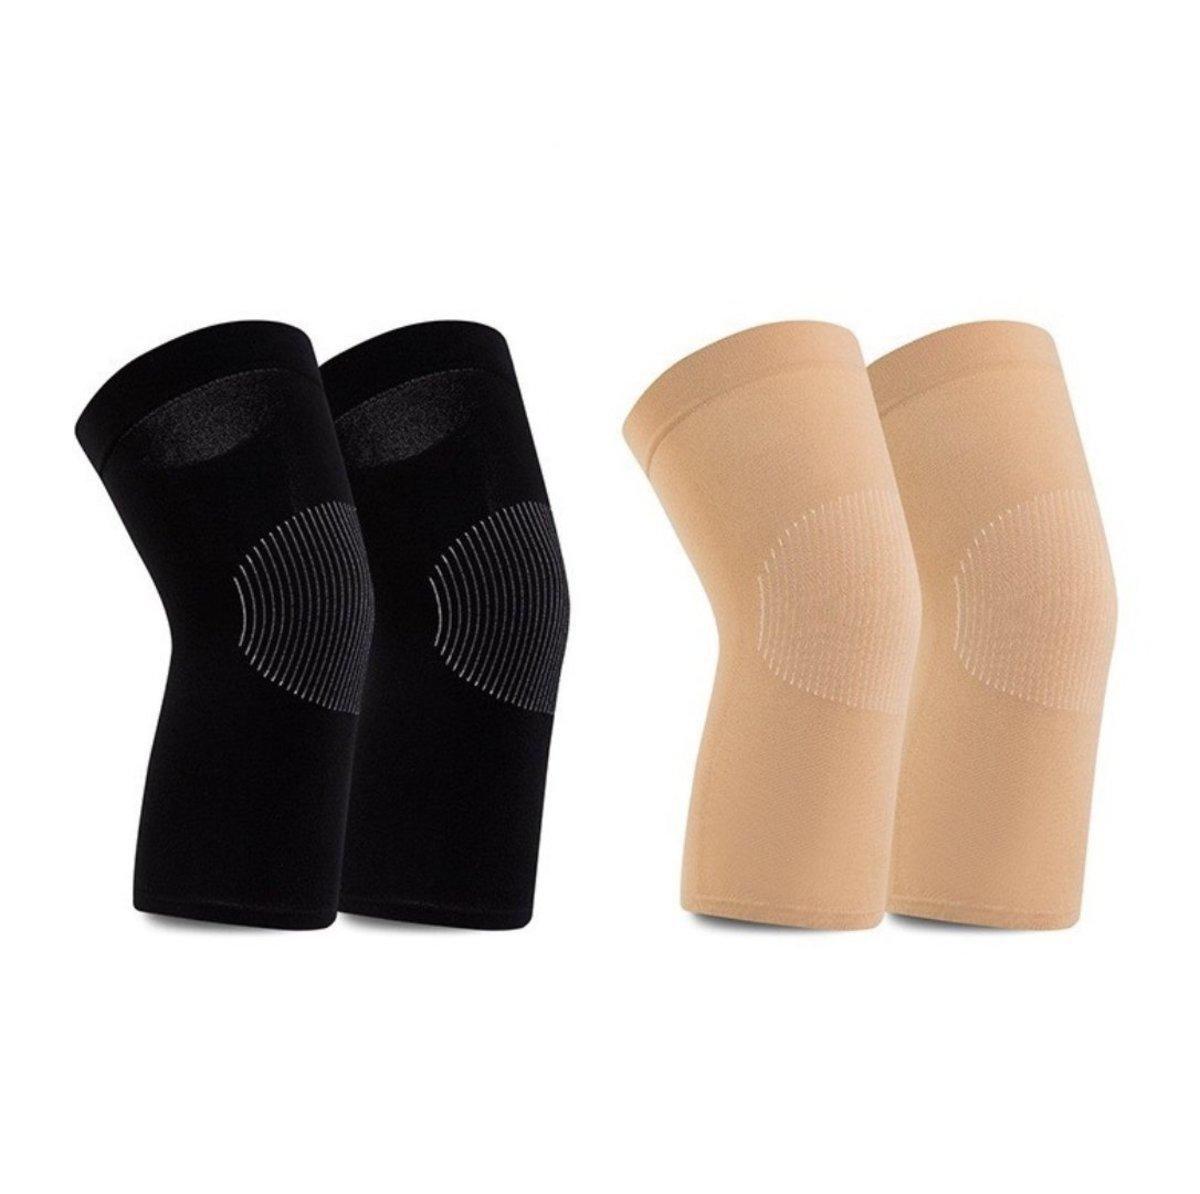 保暖護膝 透氣薄款 黑色